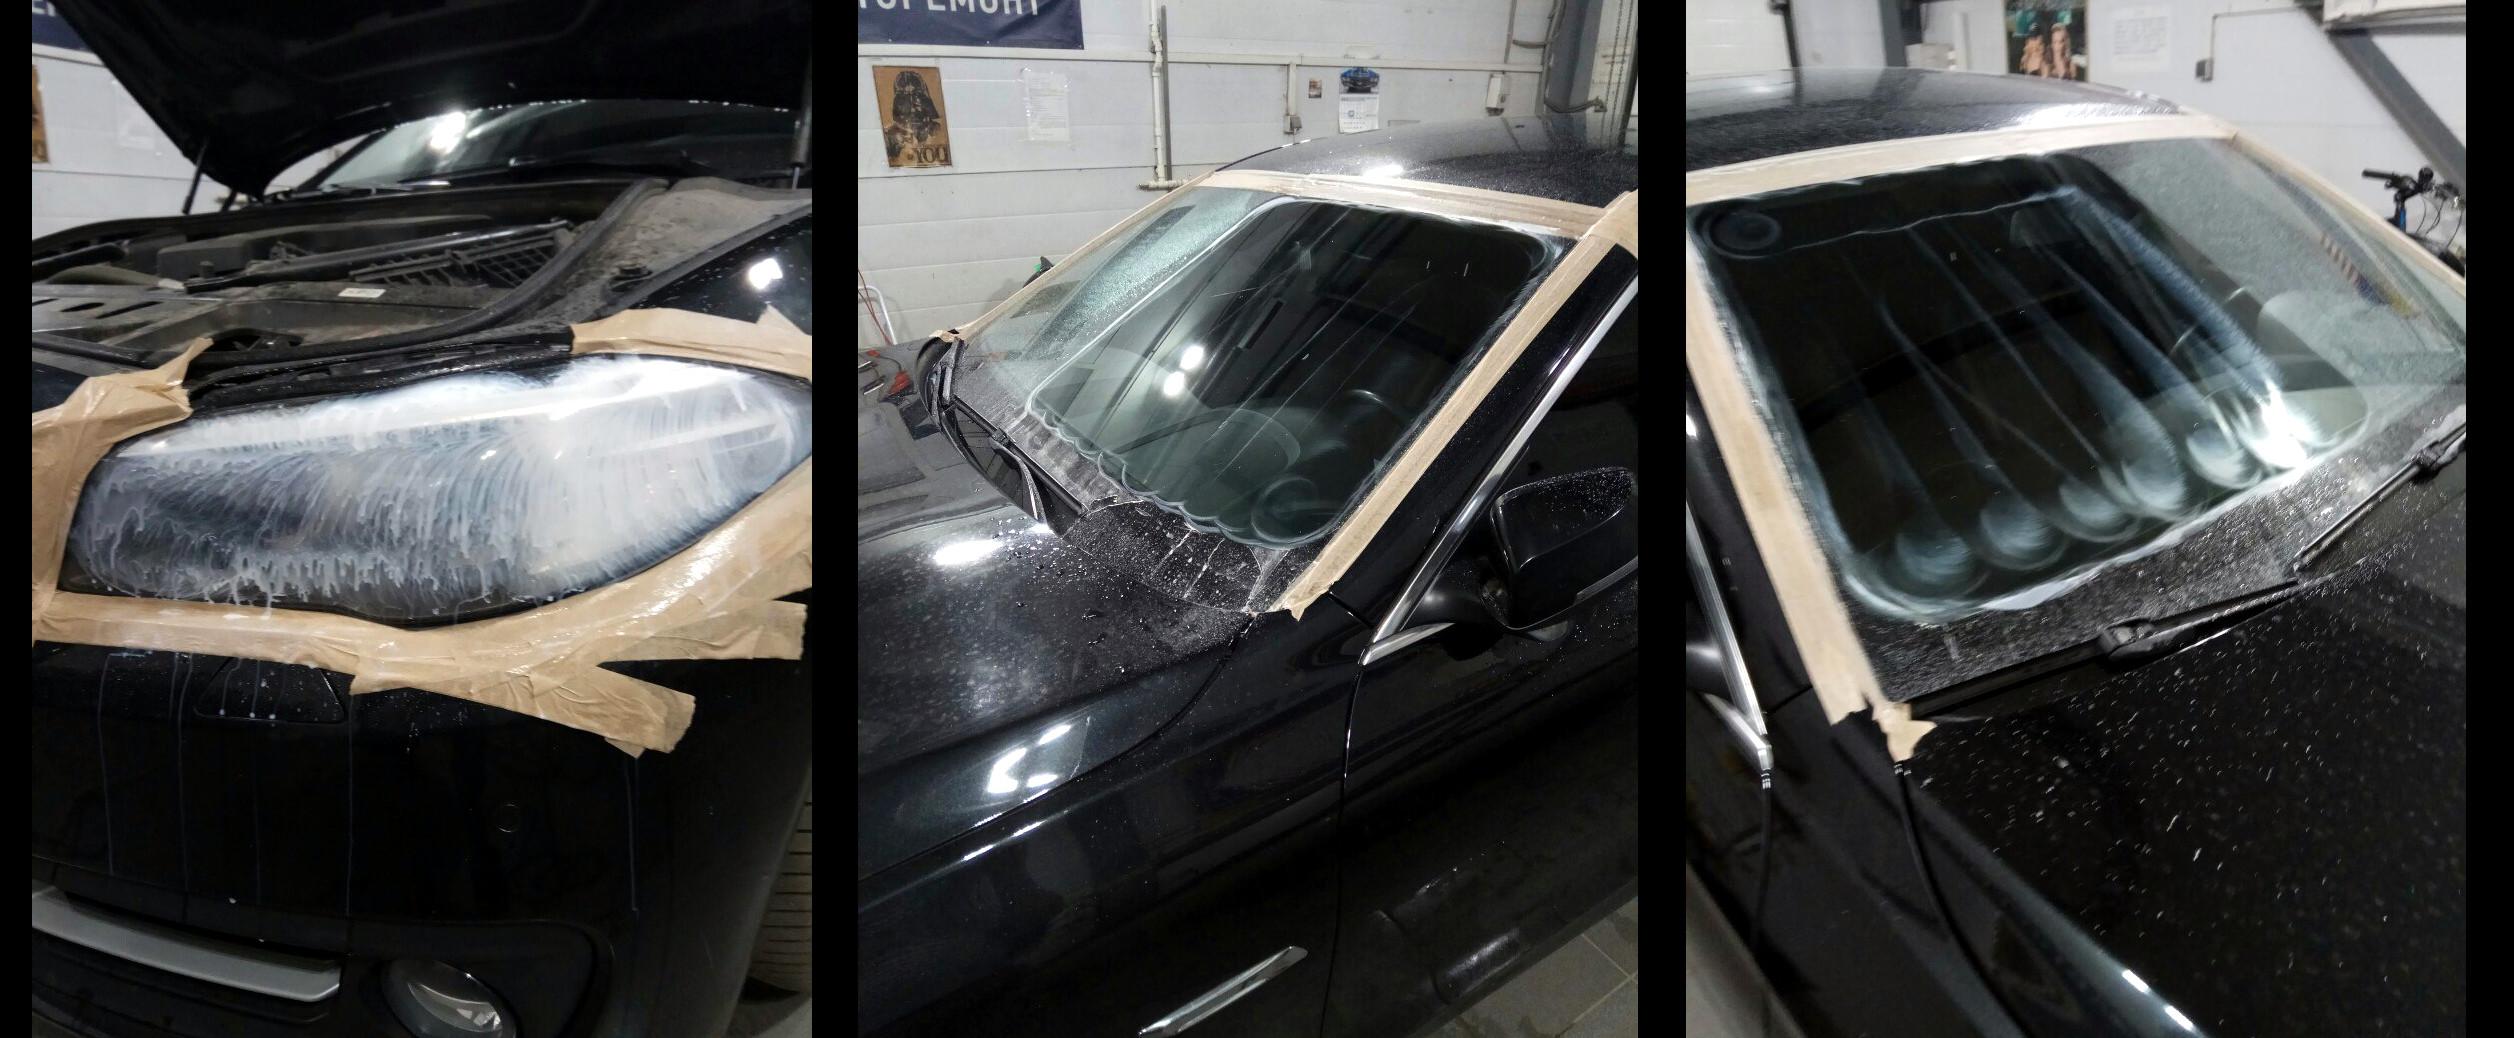 Полировка стекол автомобиля BMW